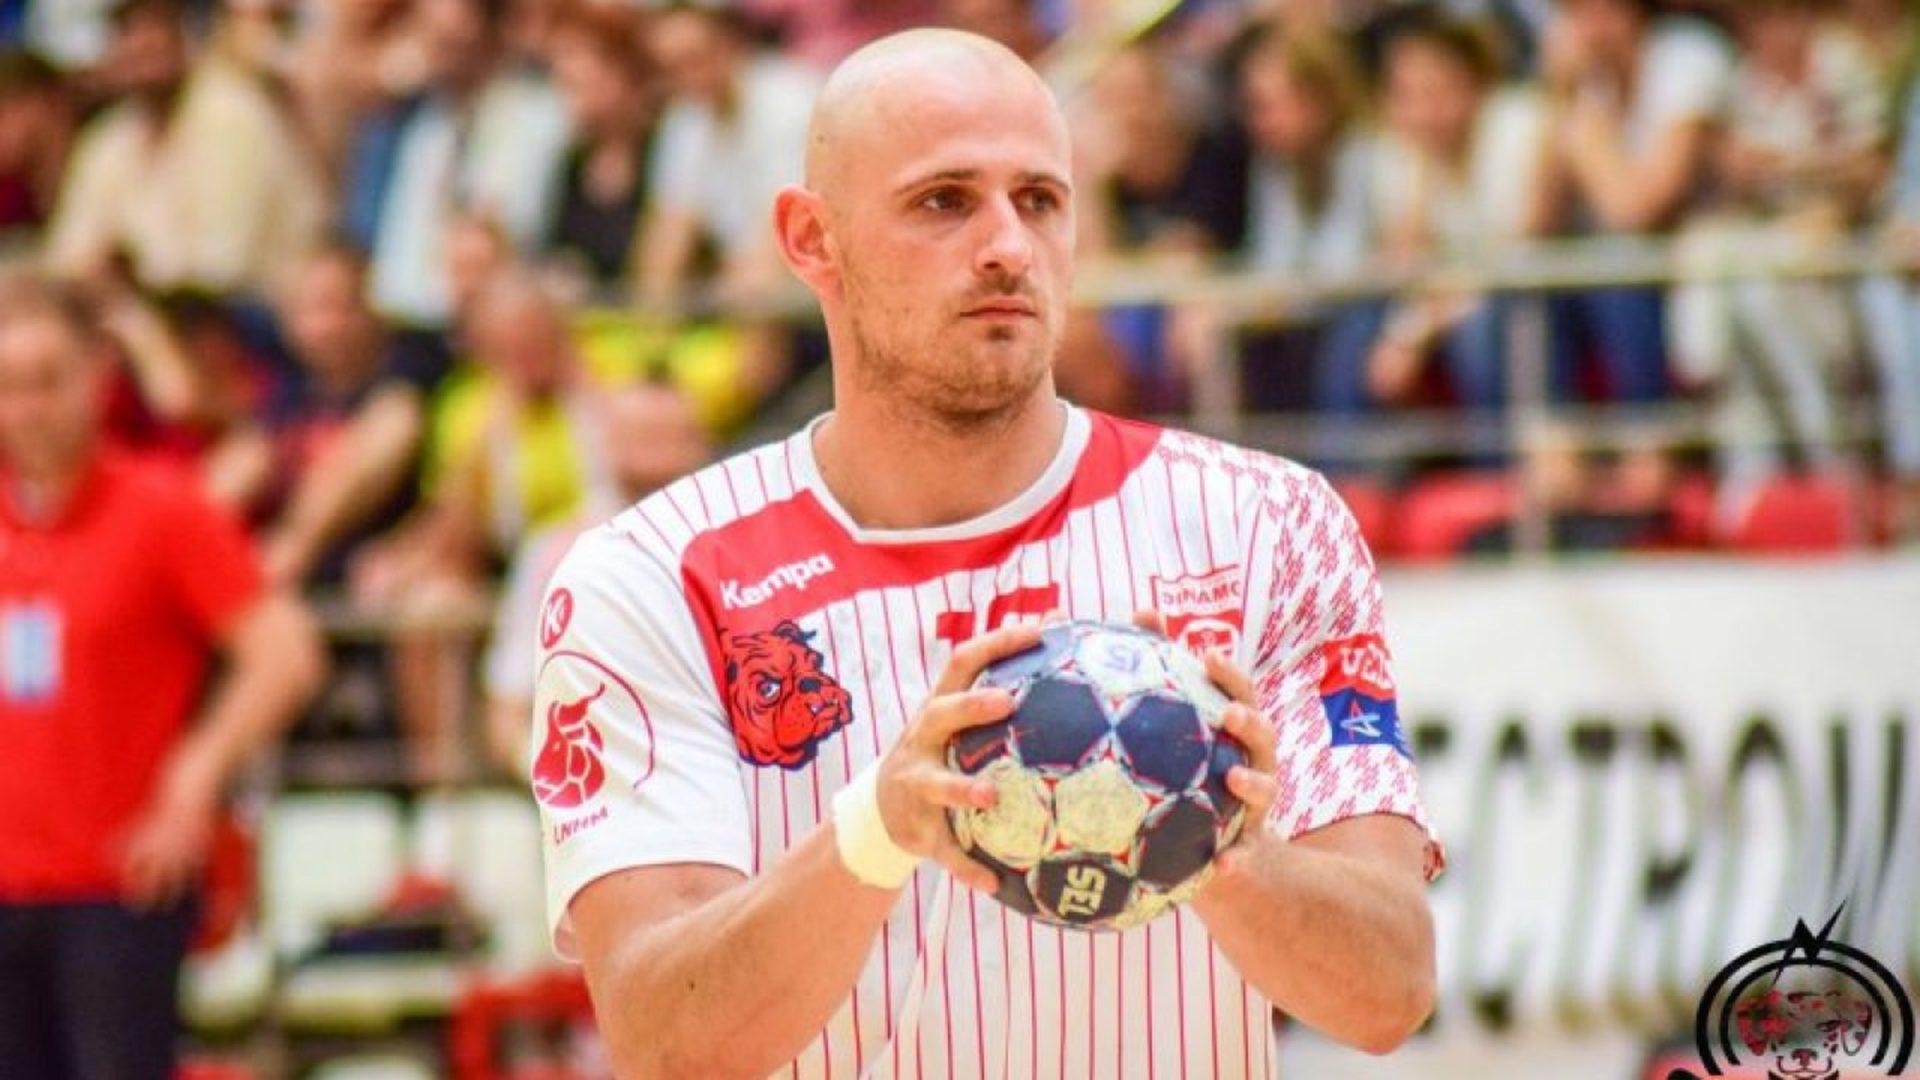 Fost jucător de la Dinamo, condamnat pentru trafic de droguri. Decizie definitivă